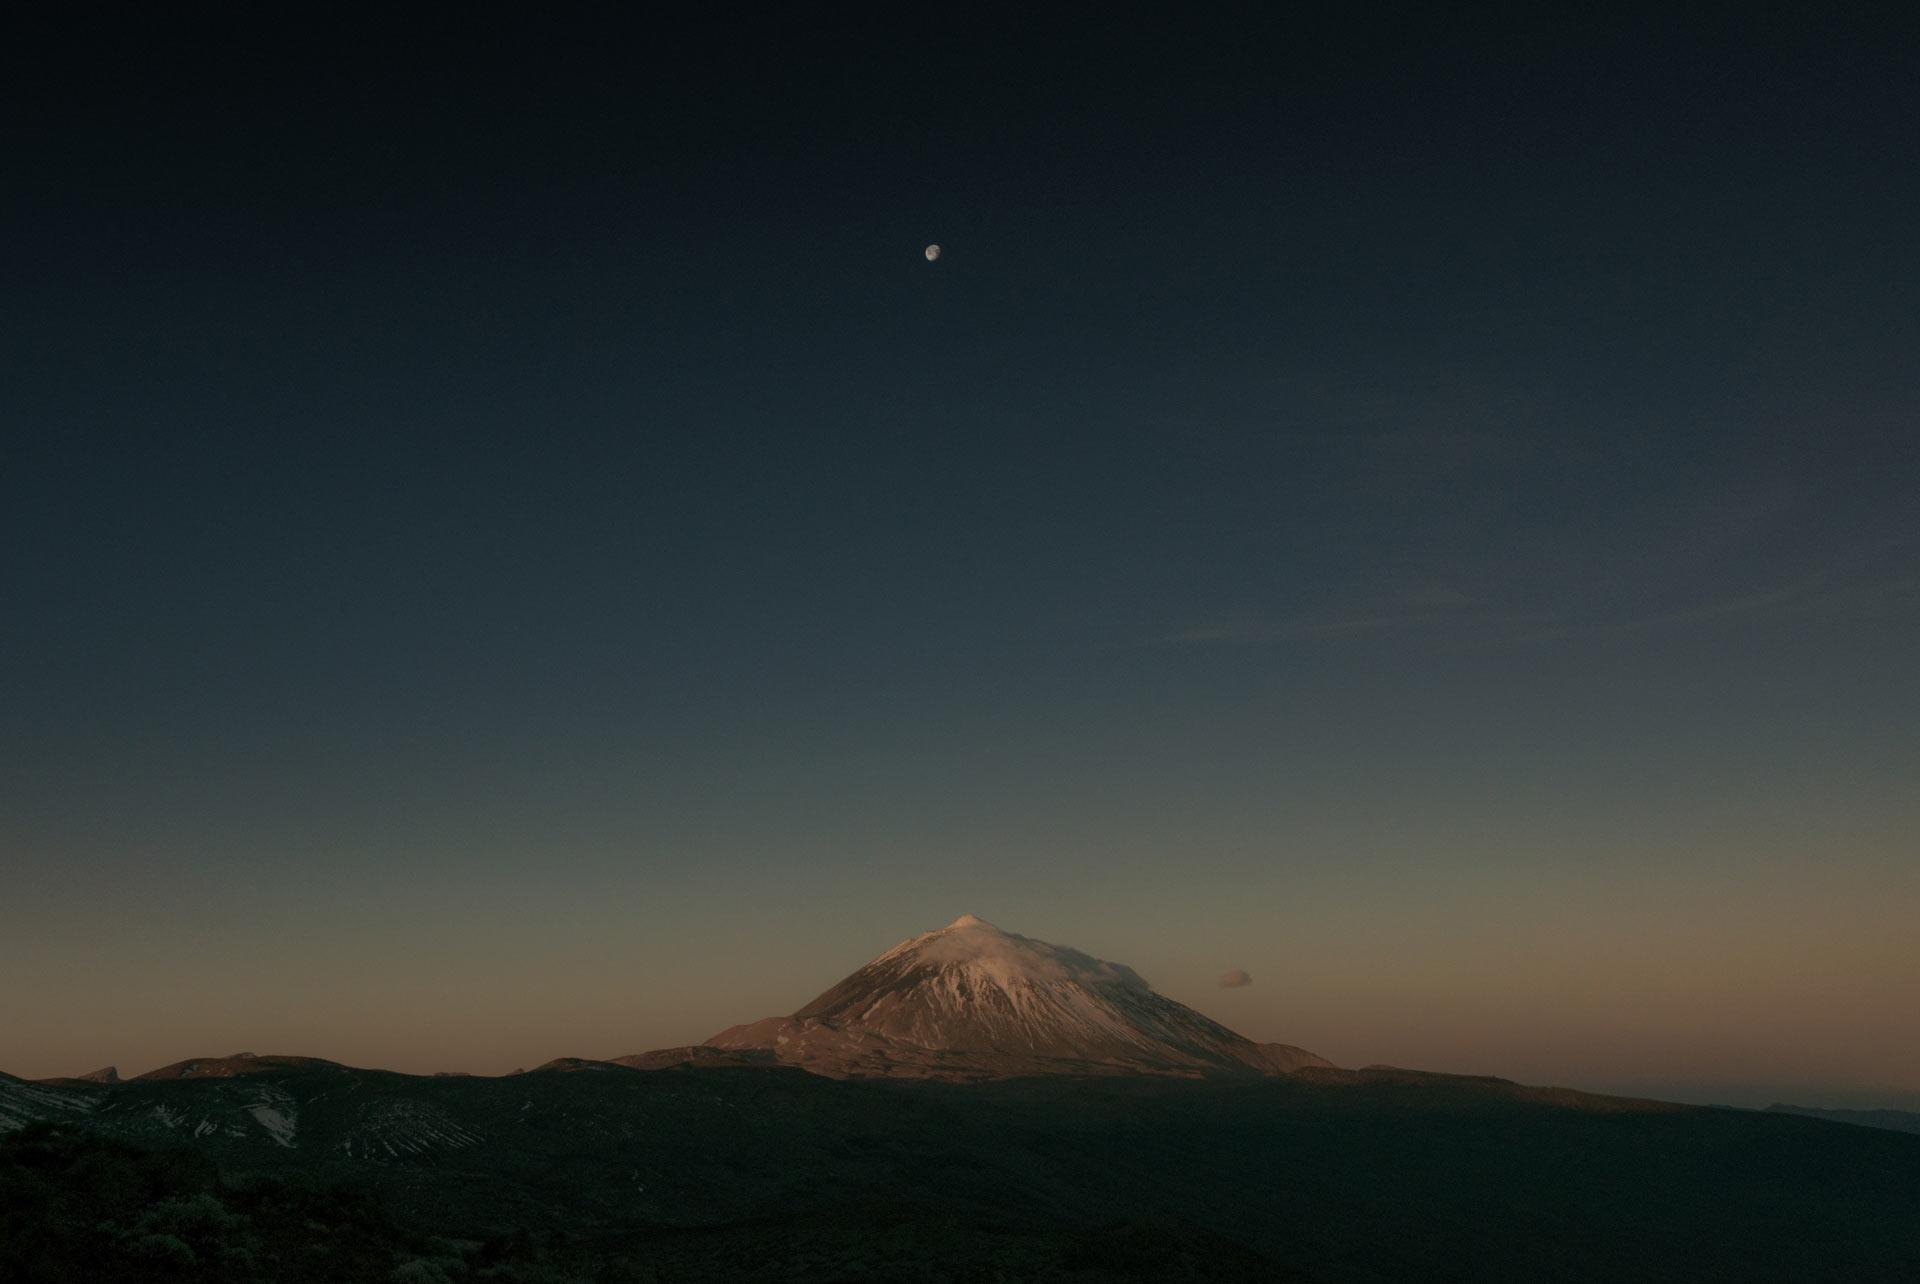 moon-tenerife-landscape-teide